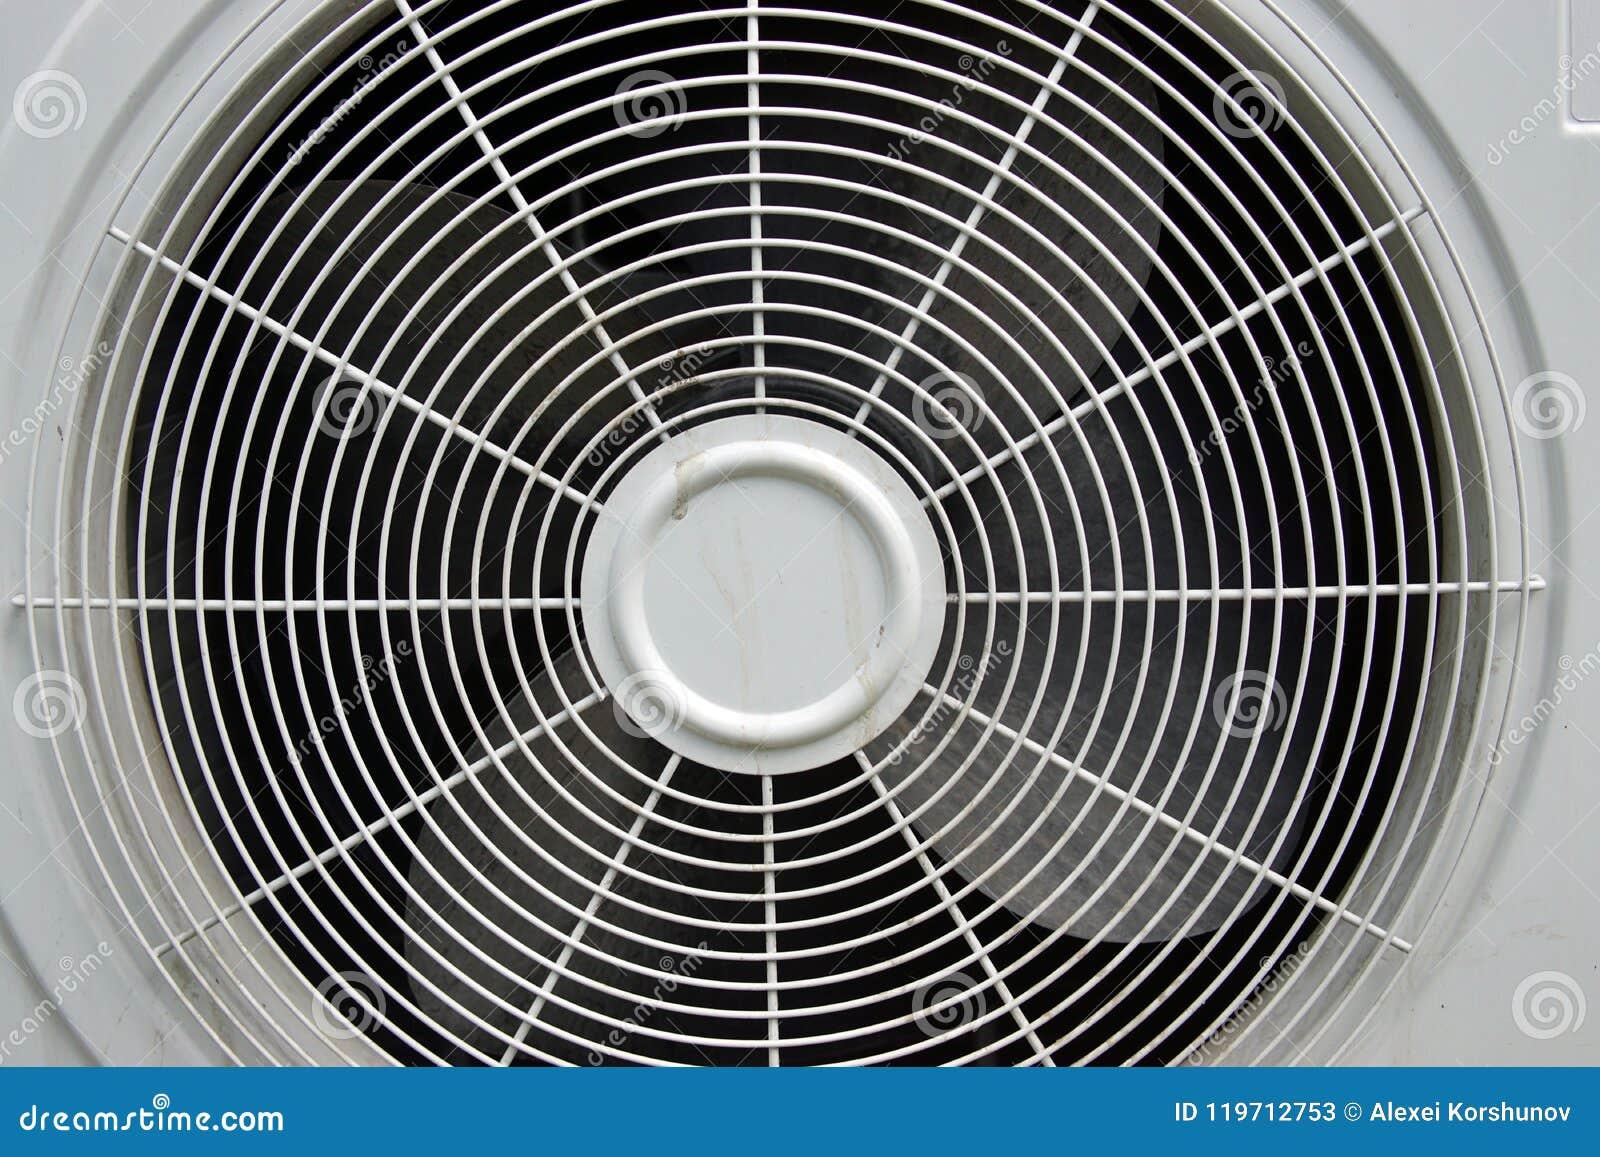 Cache Unité Extérieure Climatisation gril de l'unité extérieure du climatiseur image stock